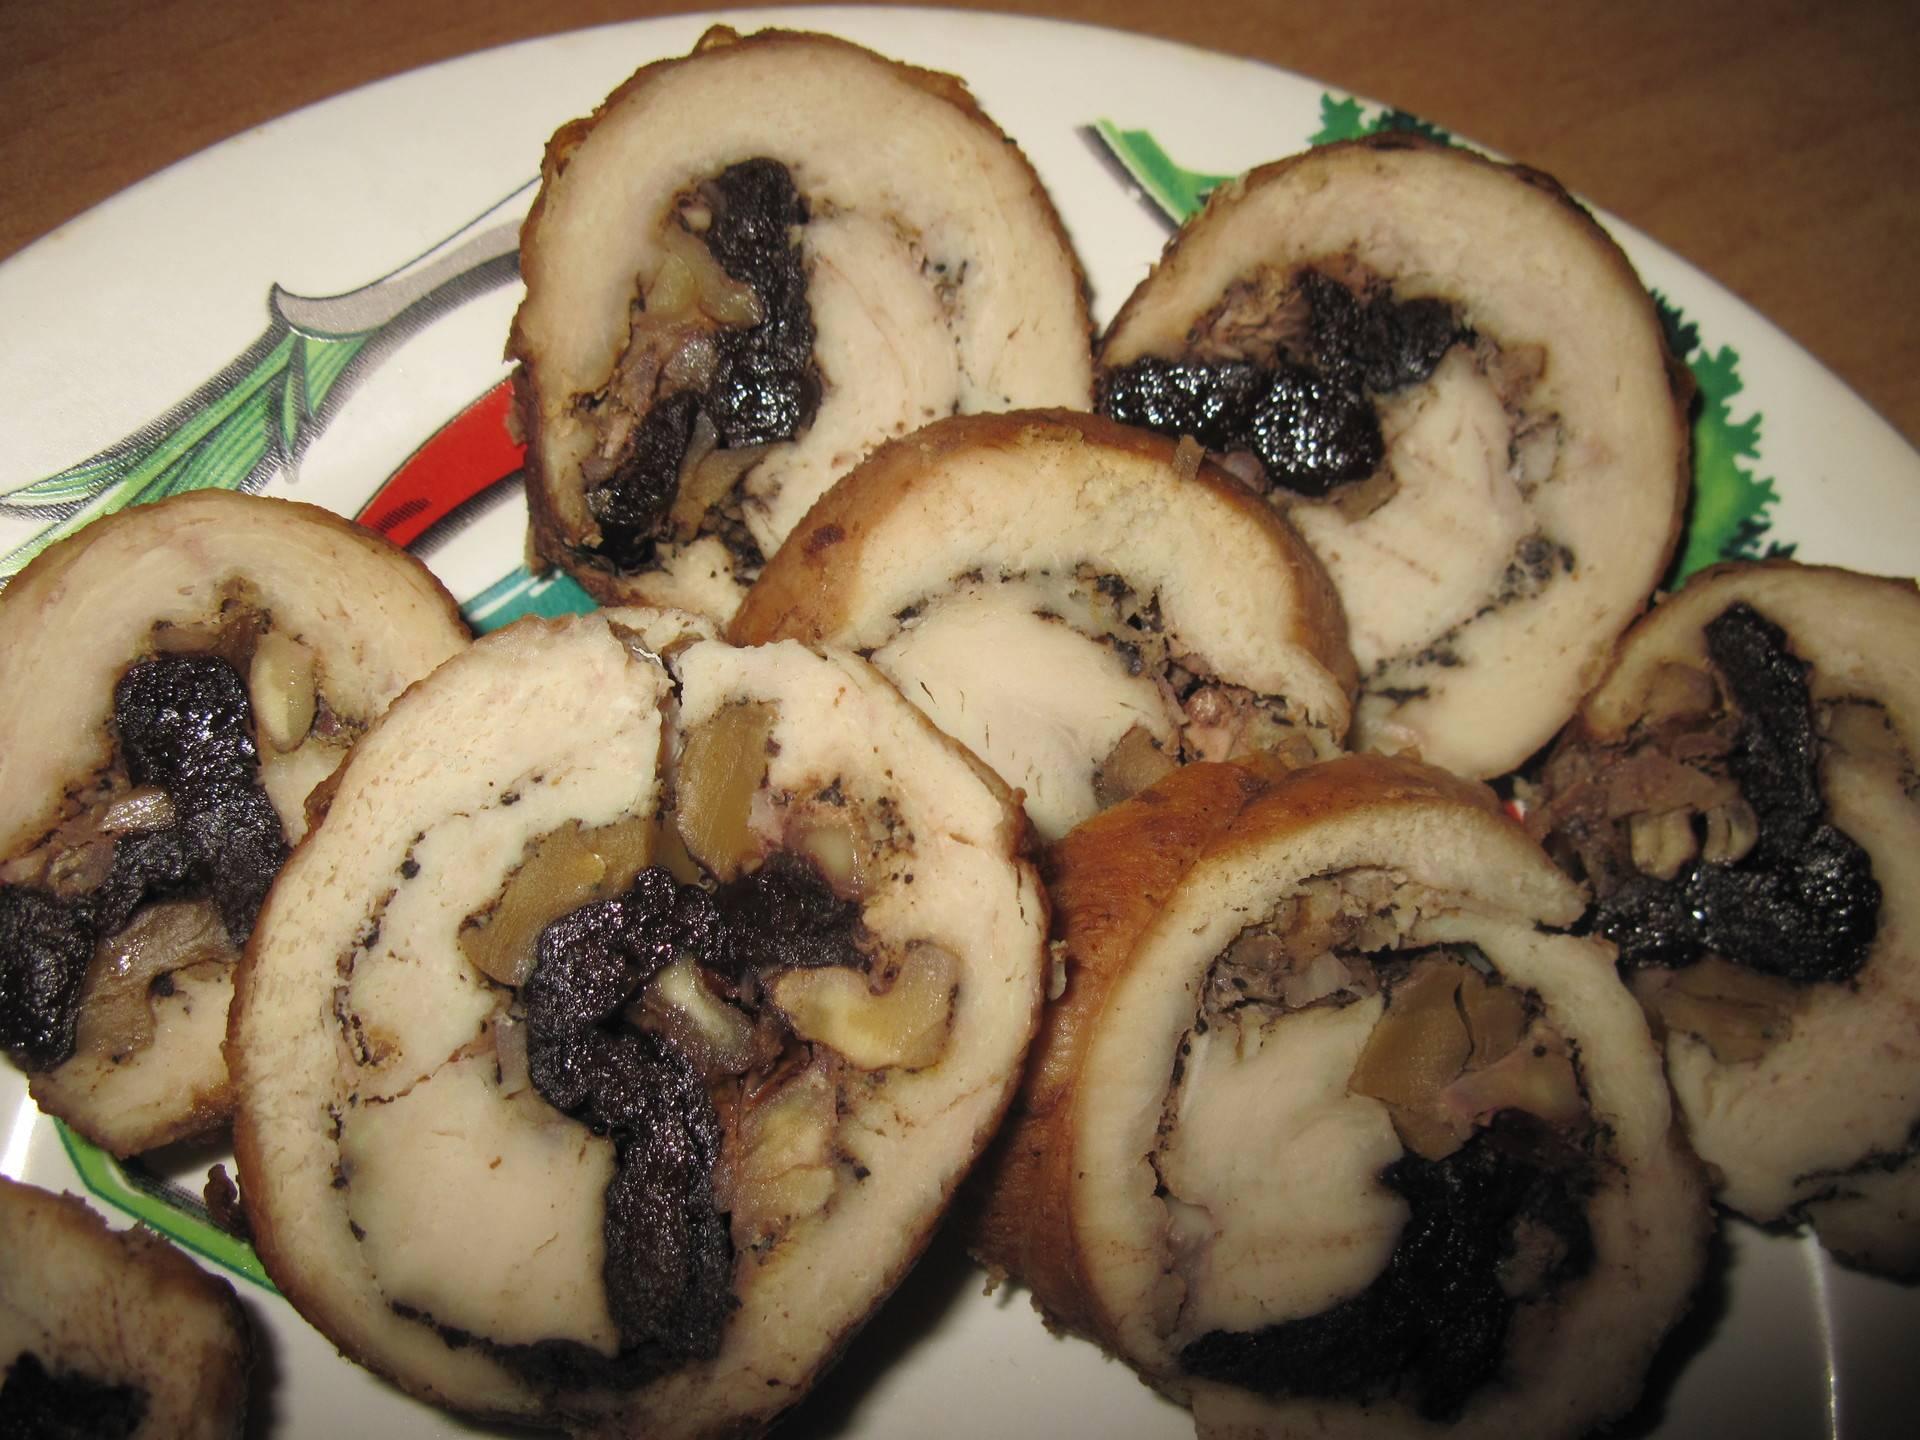 Рулетики с черносливом - как правильно и вкусно приготовить в домашних условиях по пошаговым рецептам с фото